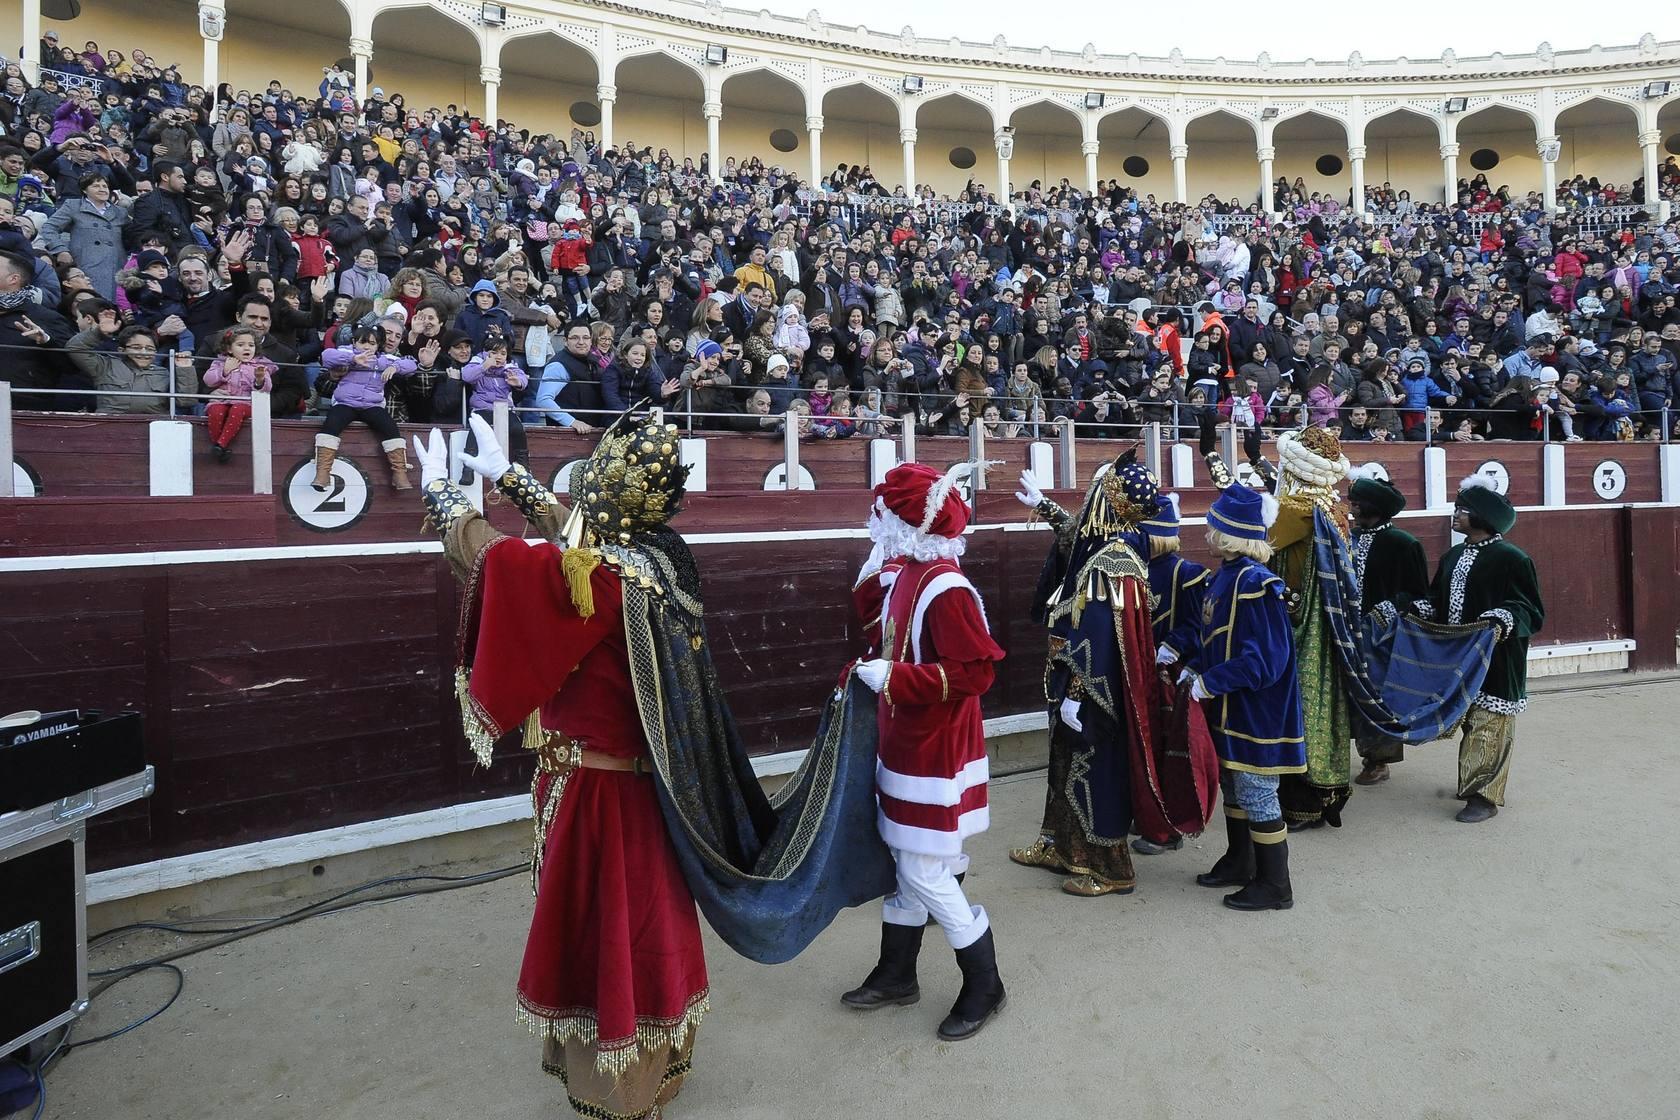 Magia e ilusión en la Cabalgata de Reyes de Albacete